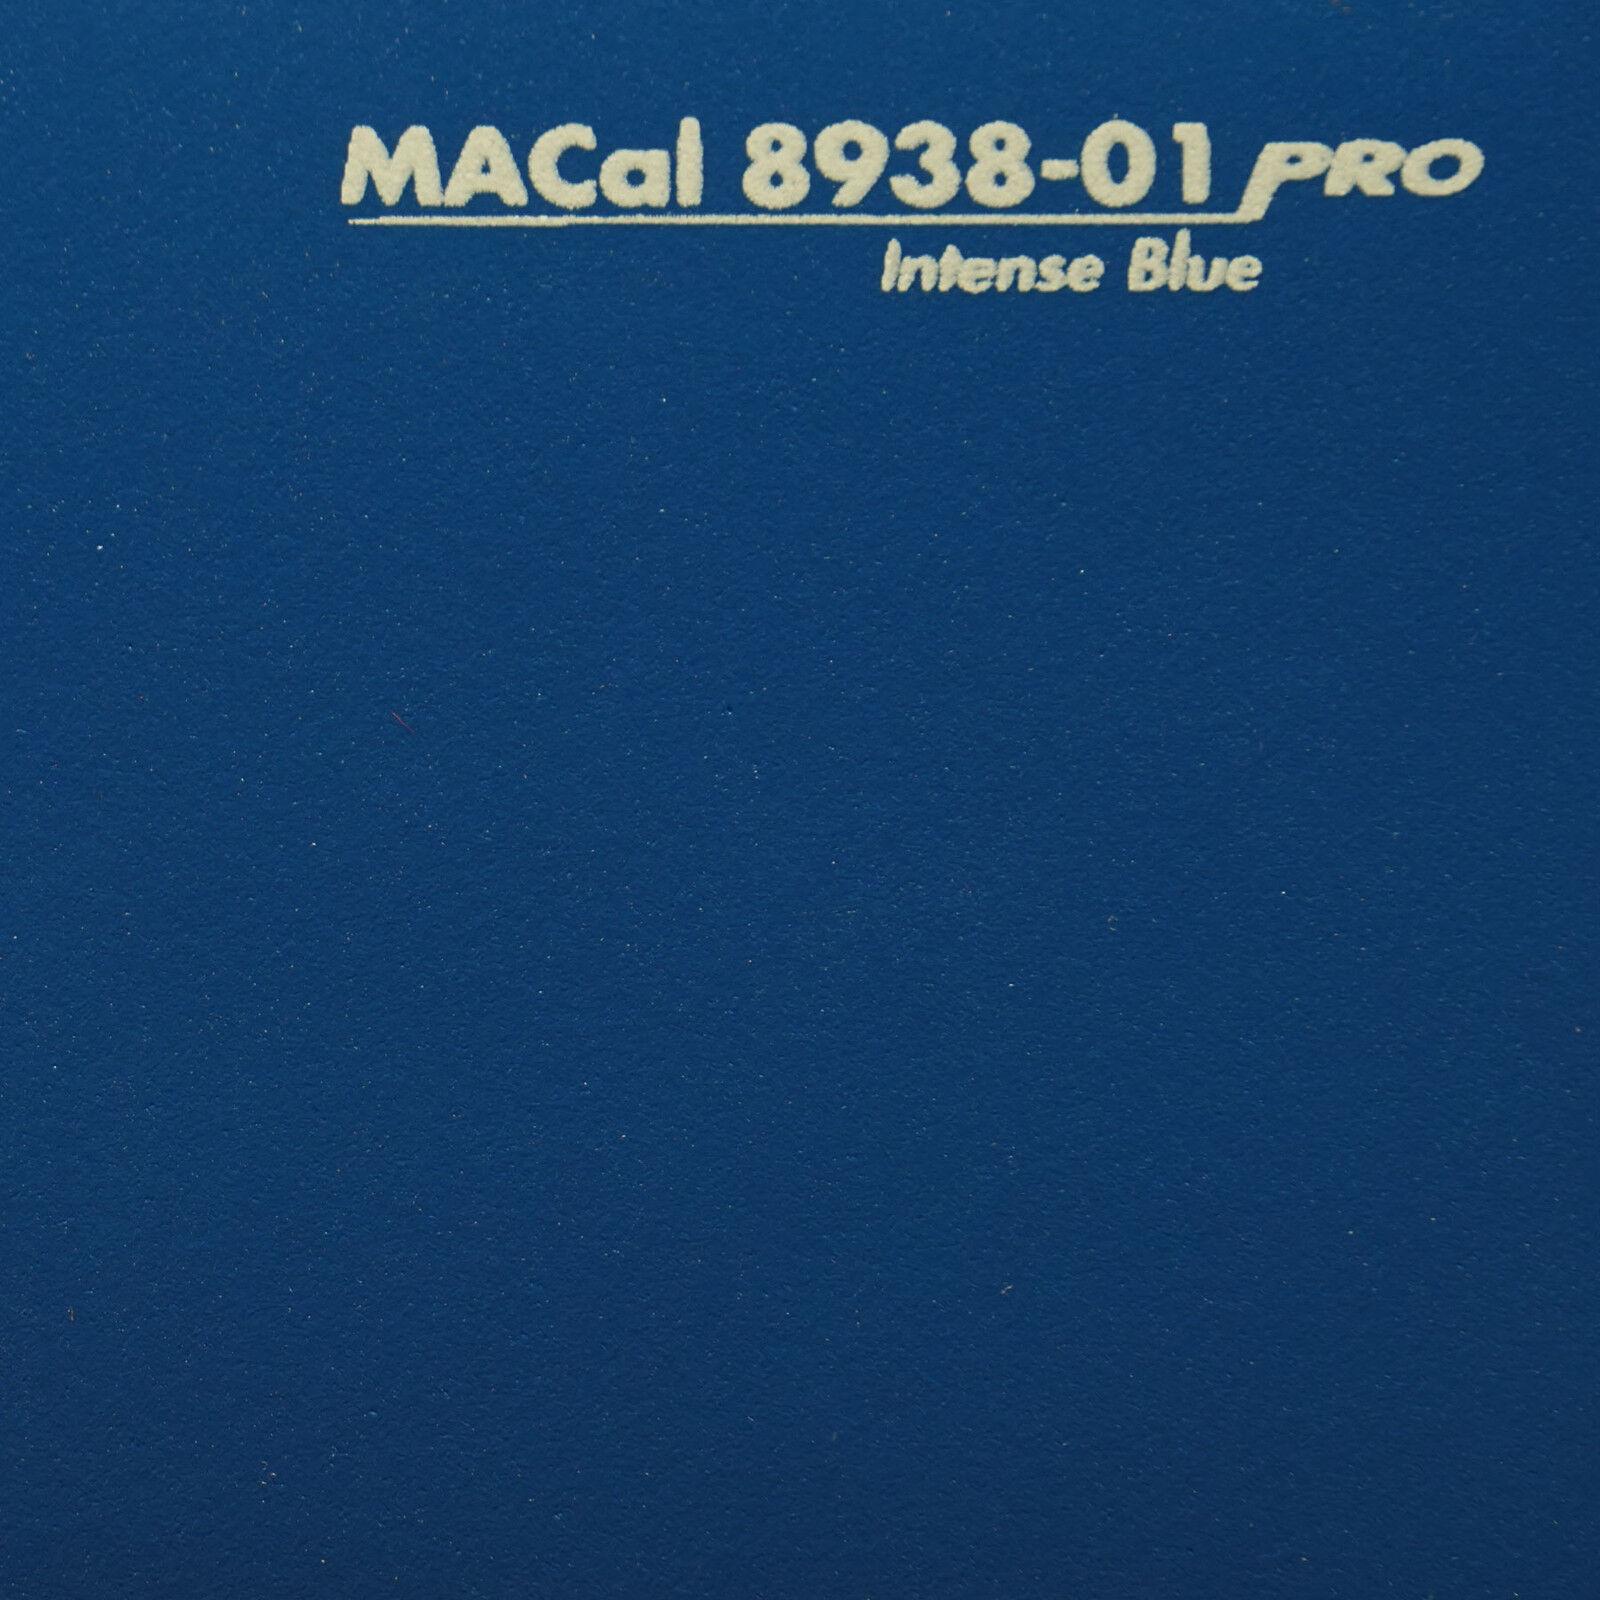 50 50 50 M (/m) film adhésif pour meubles, mobilier film intensivblau Mat 61,5 CM 0d19a7